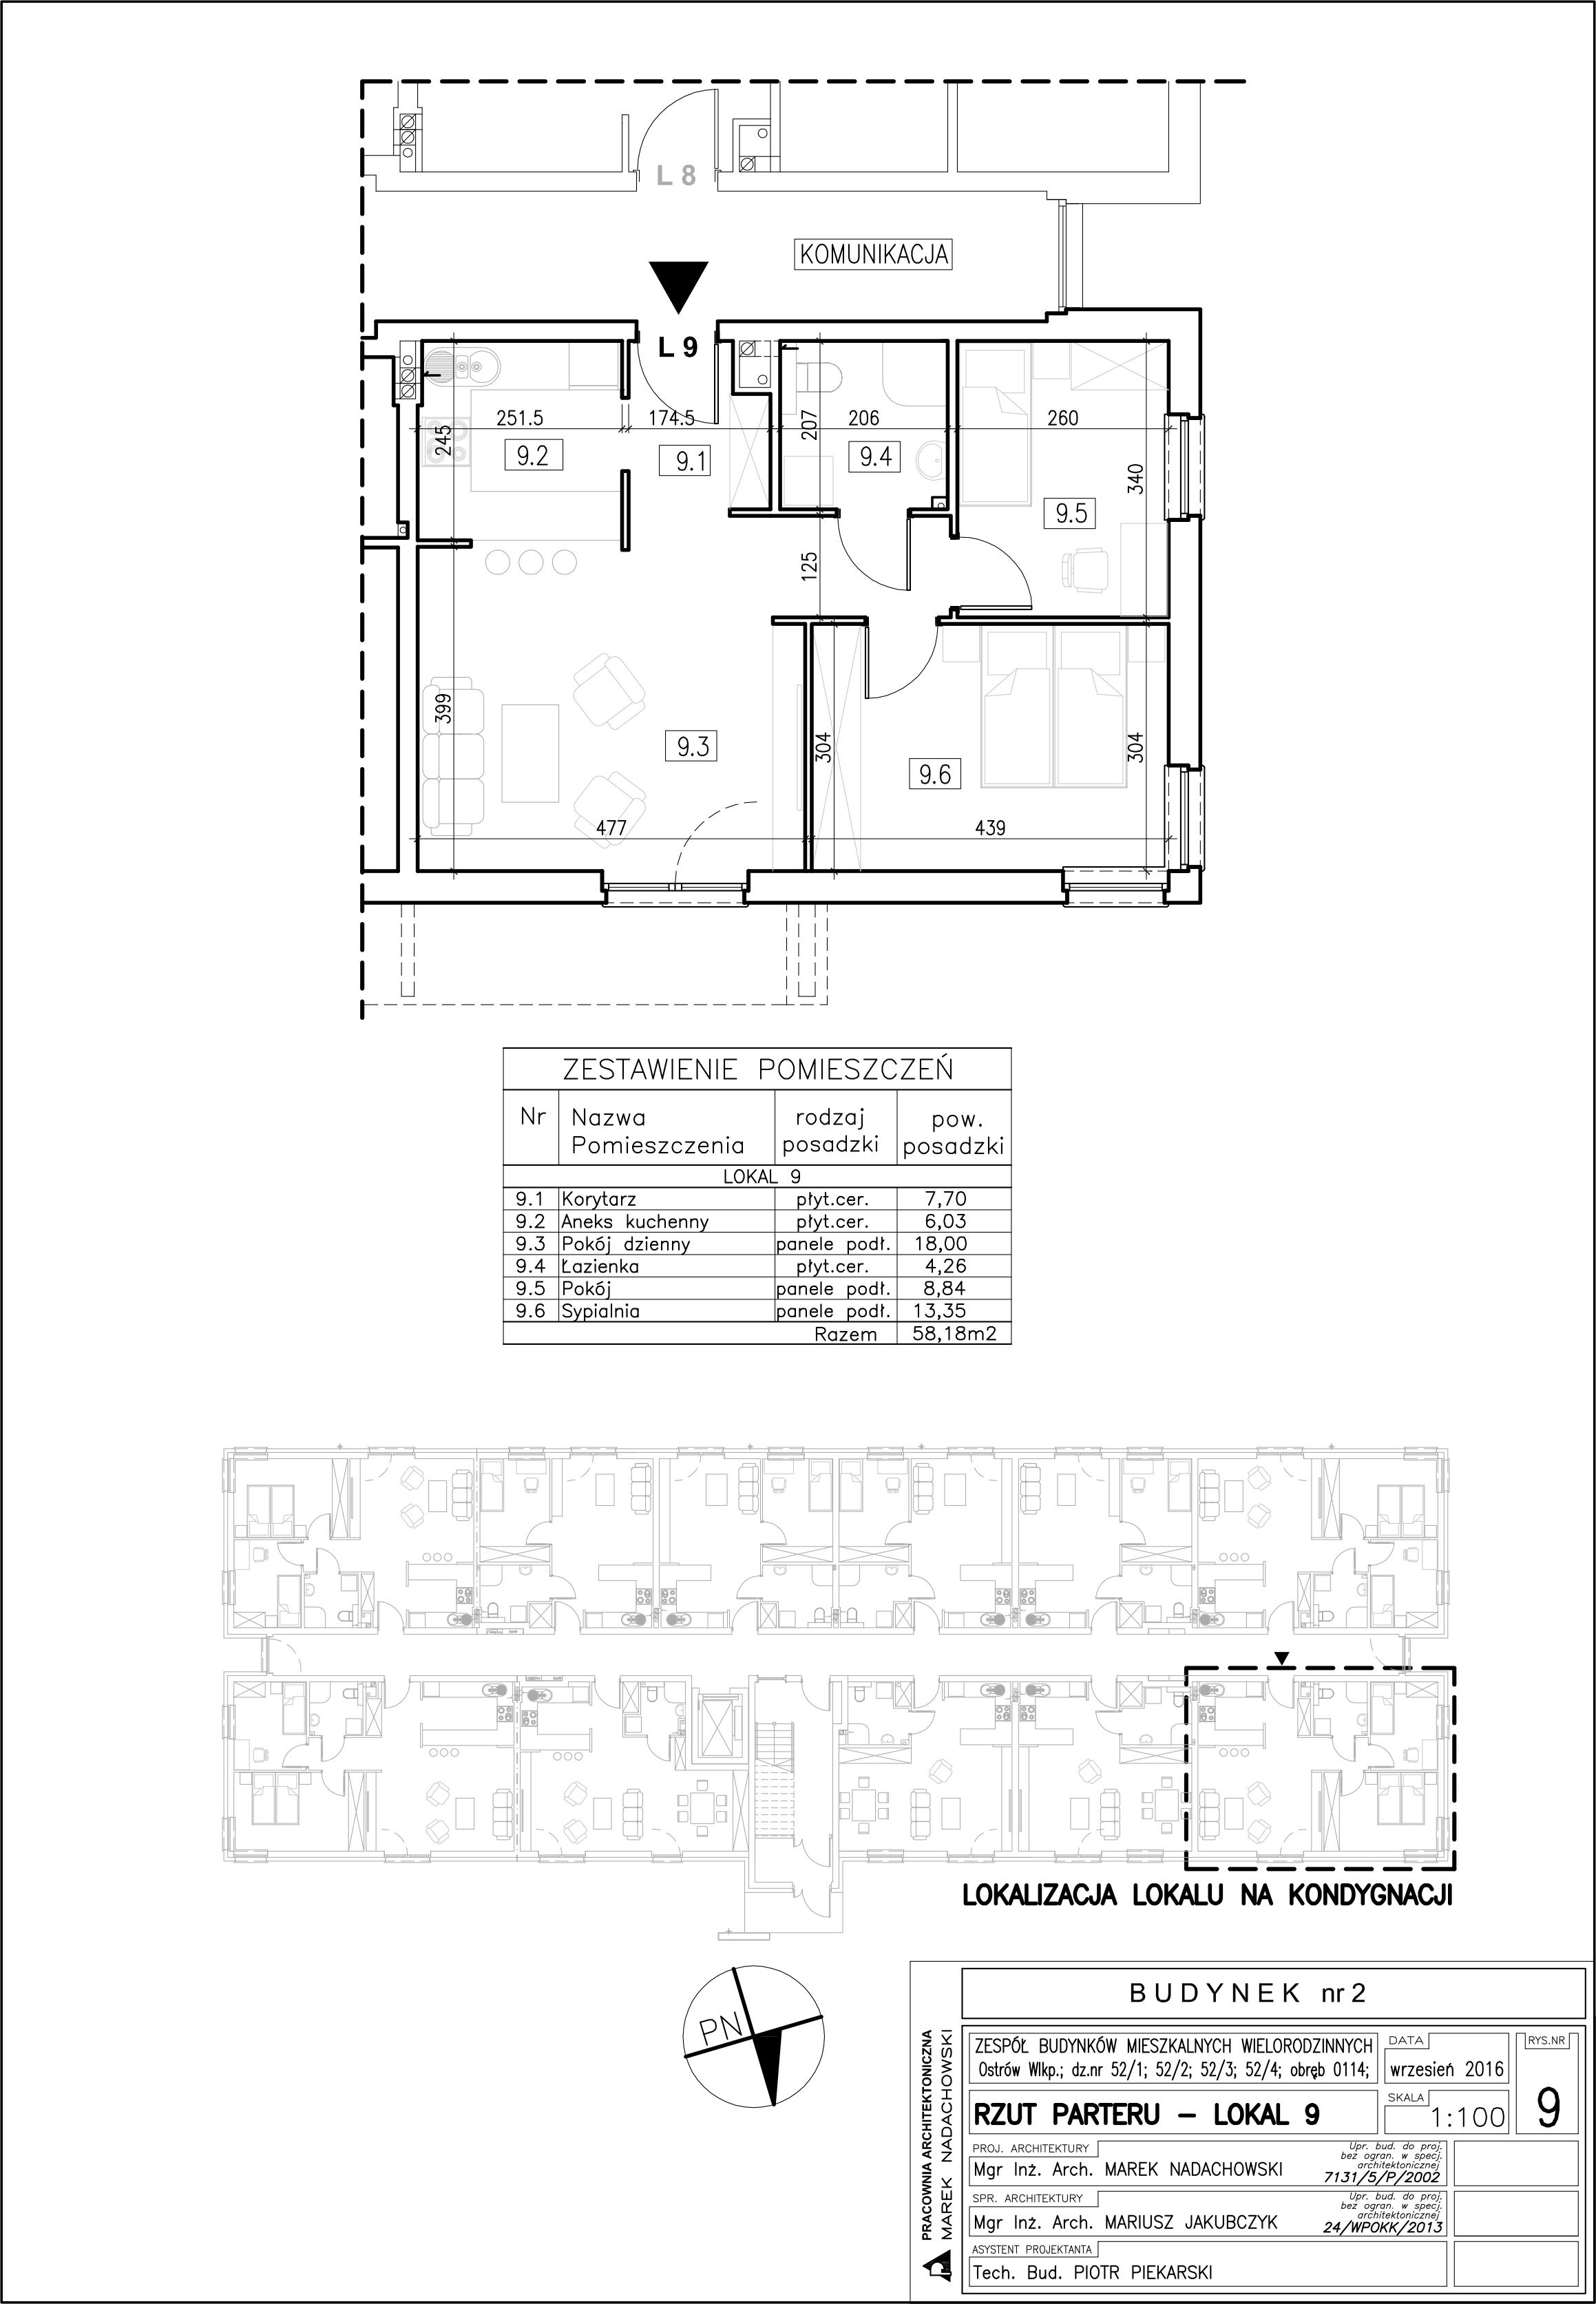 Lokal nr 9 Powierzchnia: 58,18 m2